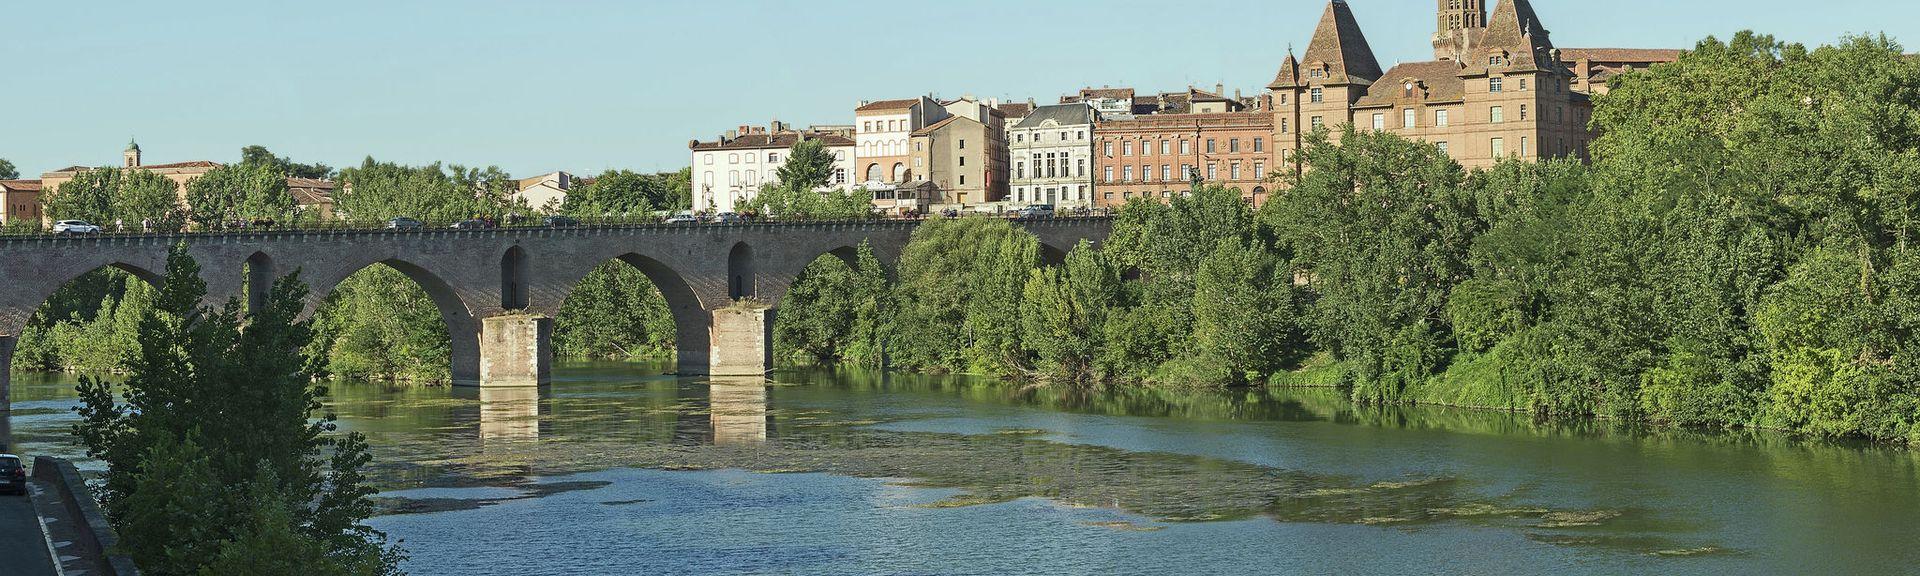 Nogaro, Occitanie, Frankreich